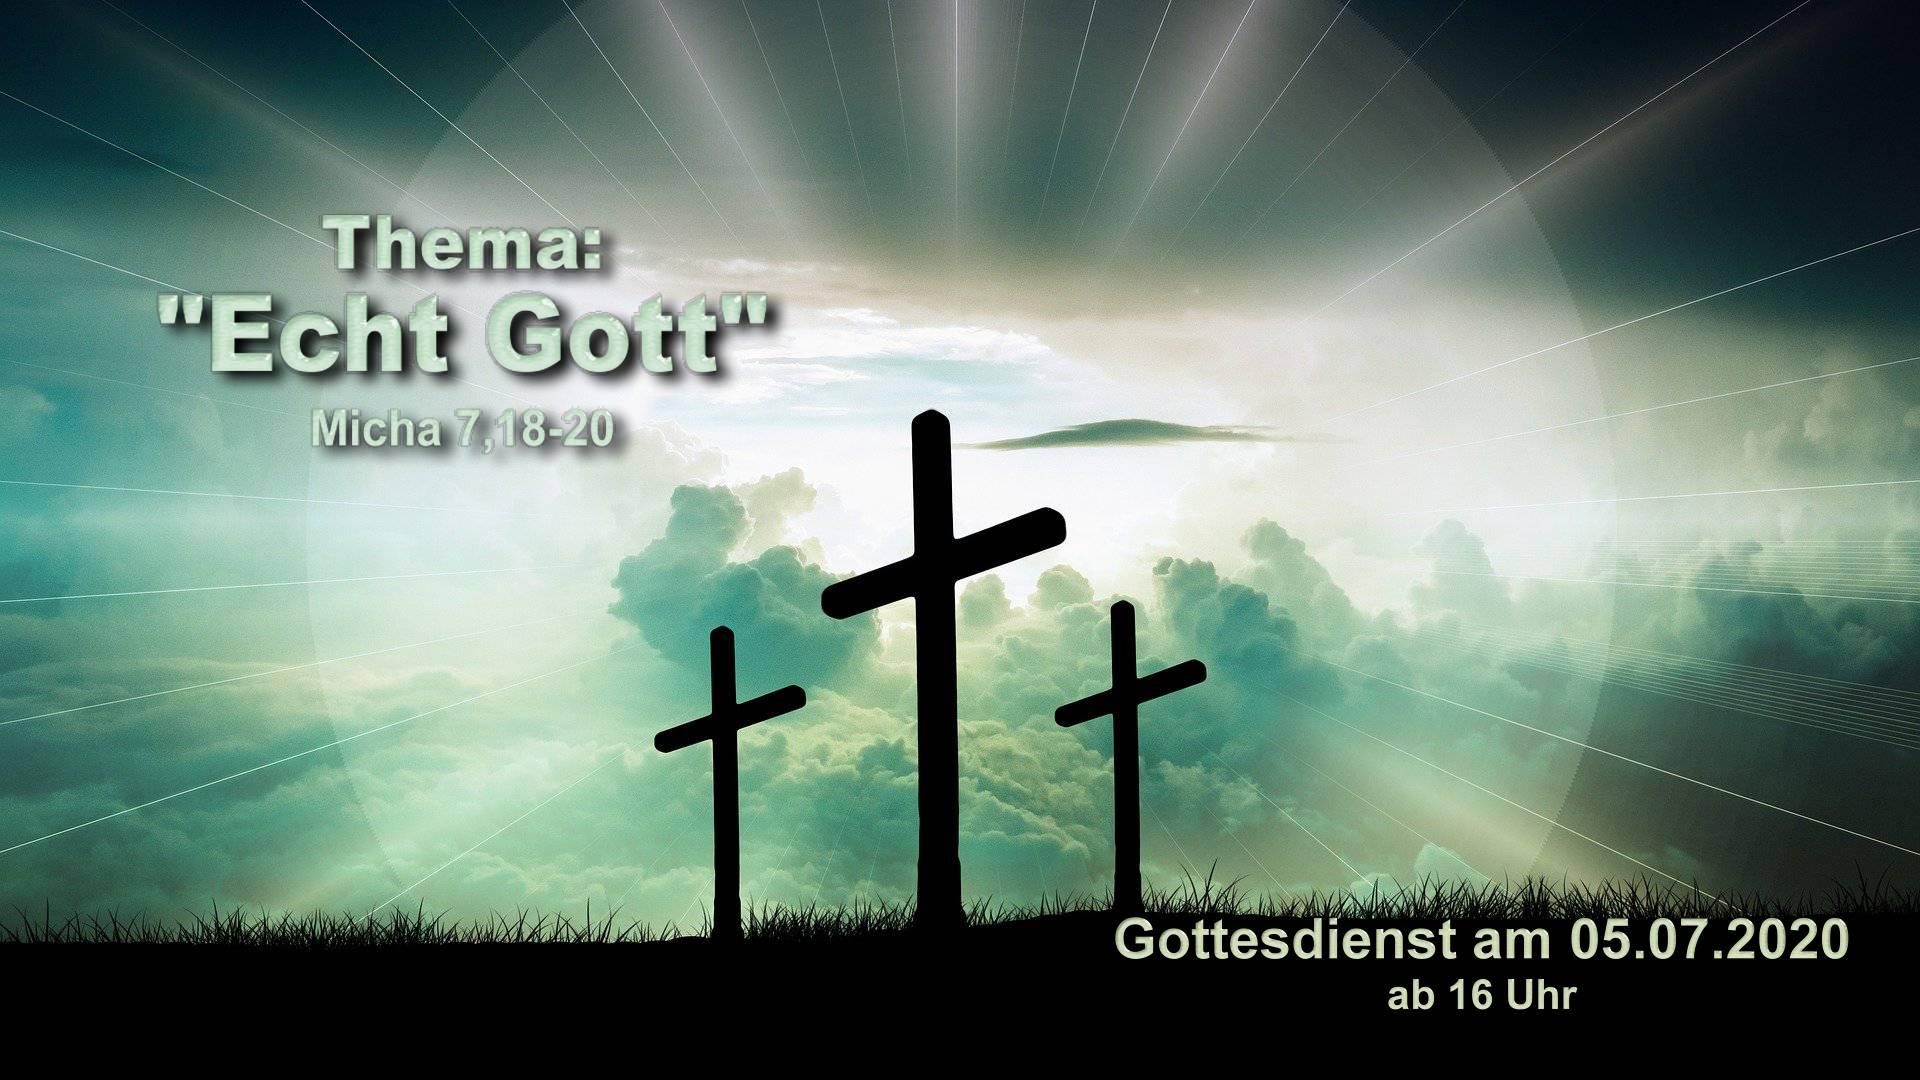 Echt Gott - Online-Gottesdienst vom 05.07.2020